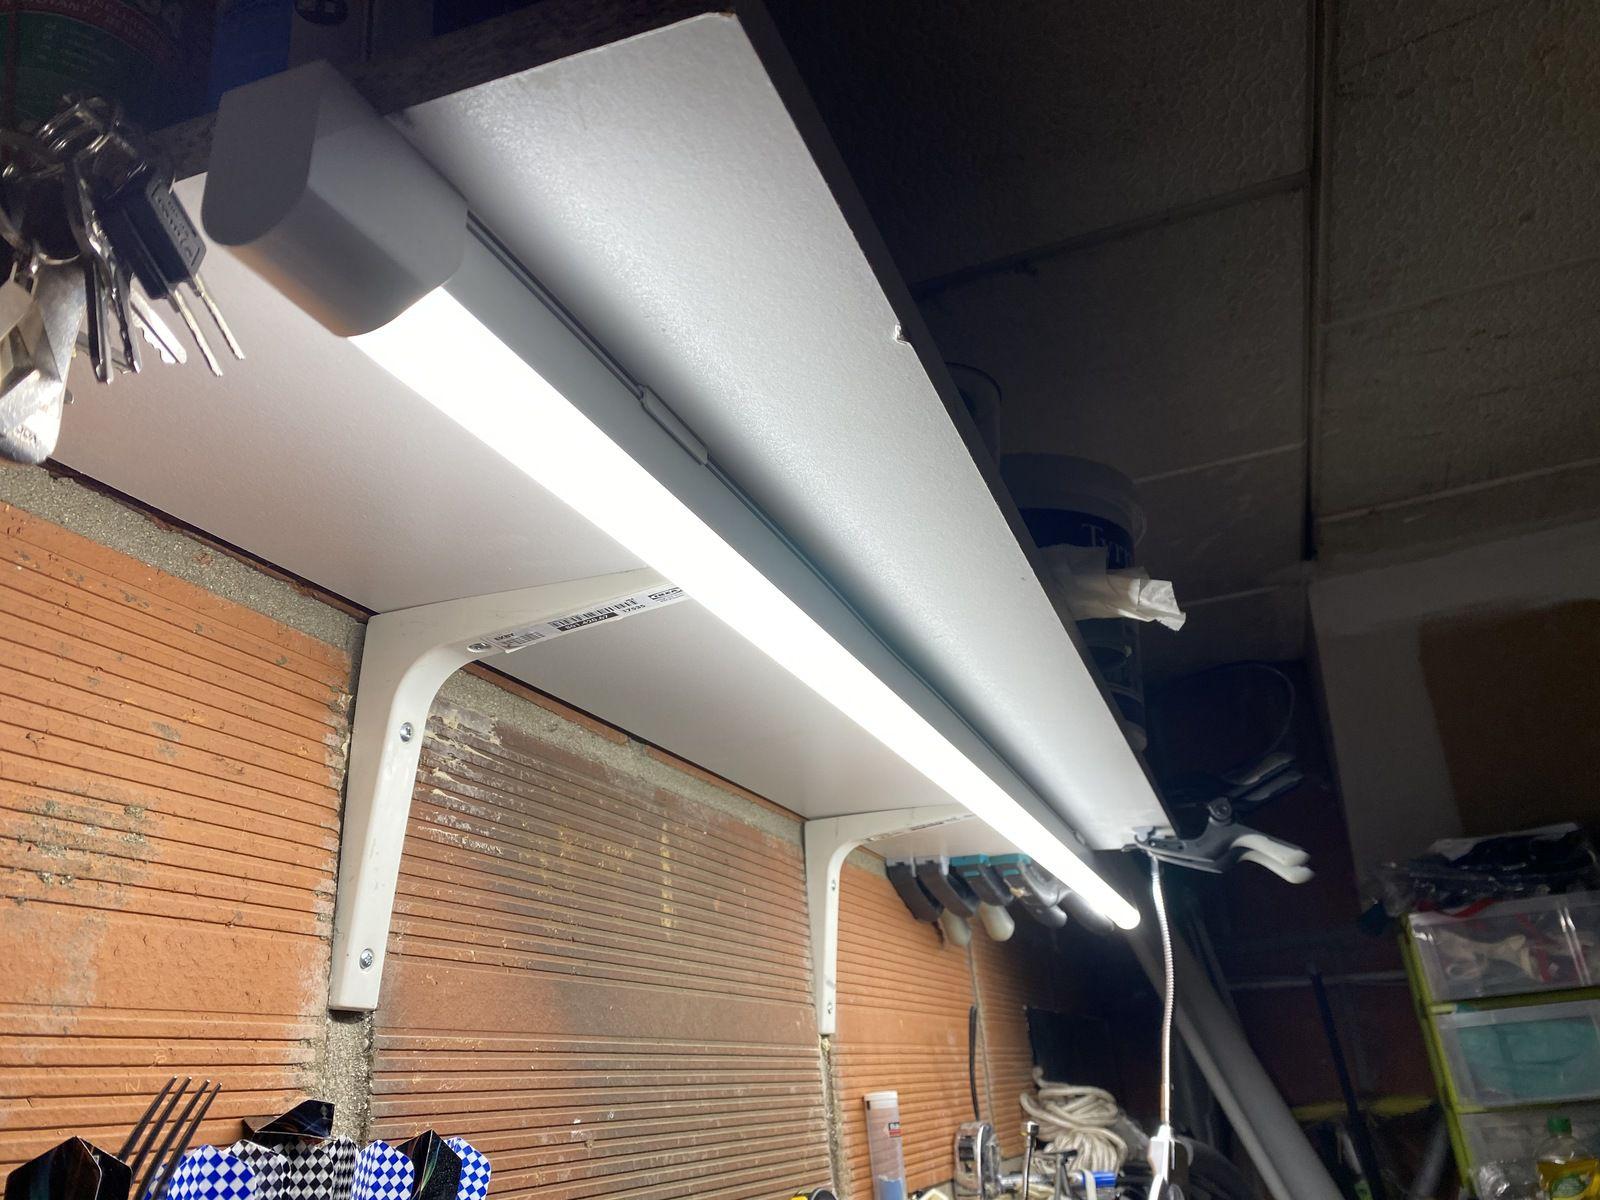 APRES : Néon design et discret LEDVANCE, bel éclairage et économie d'énergie